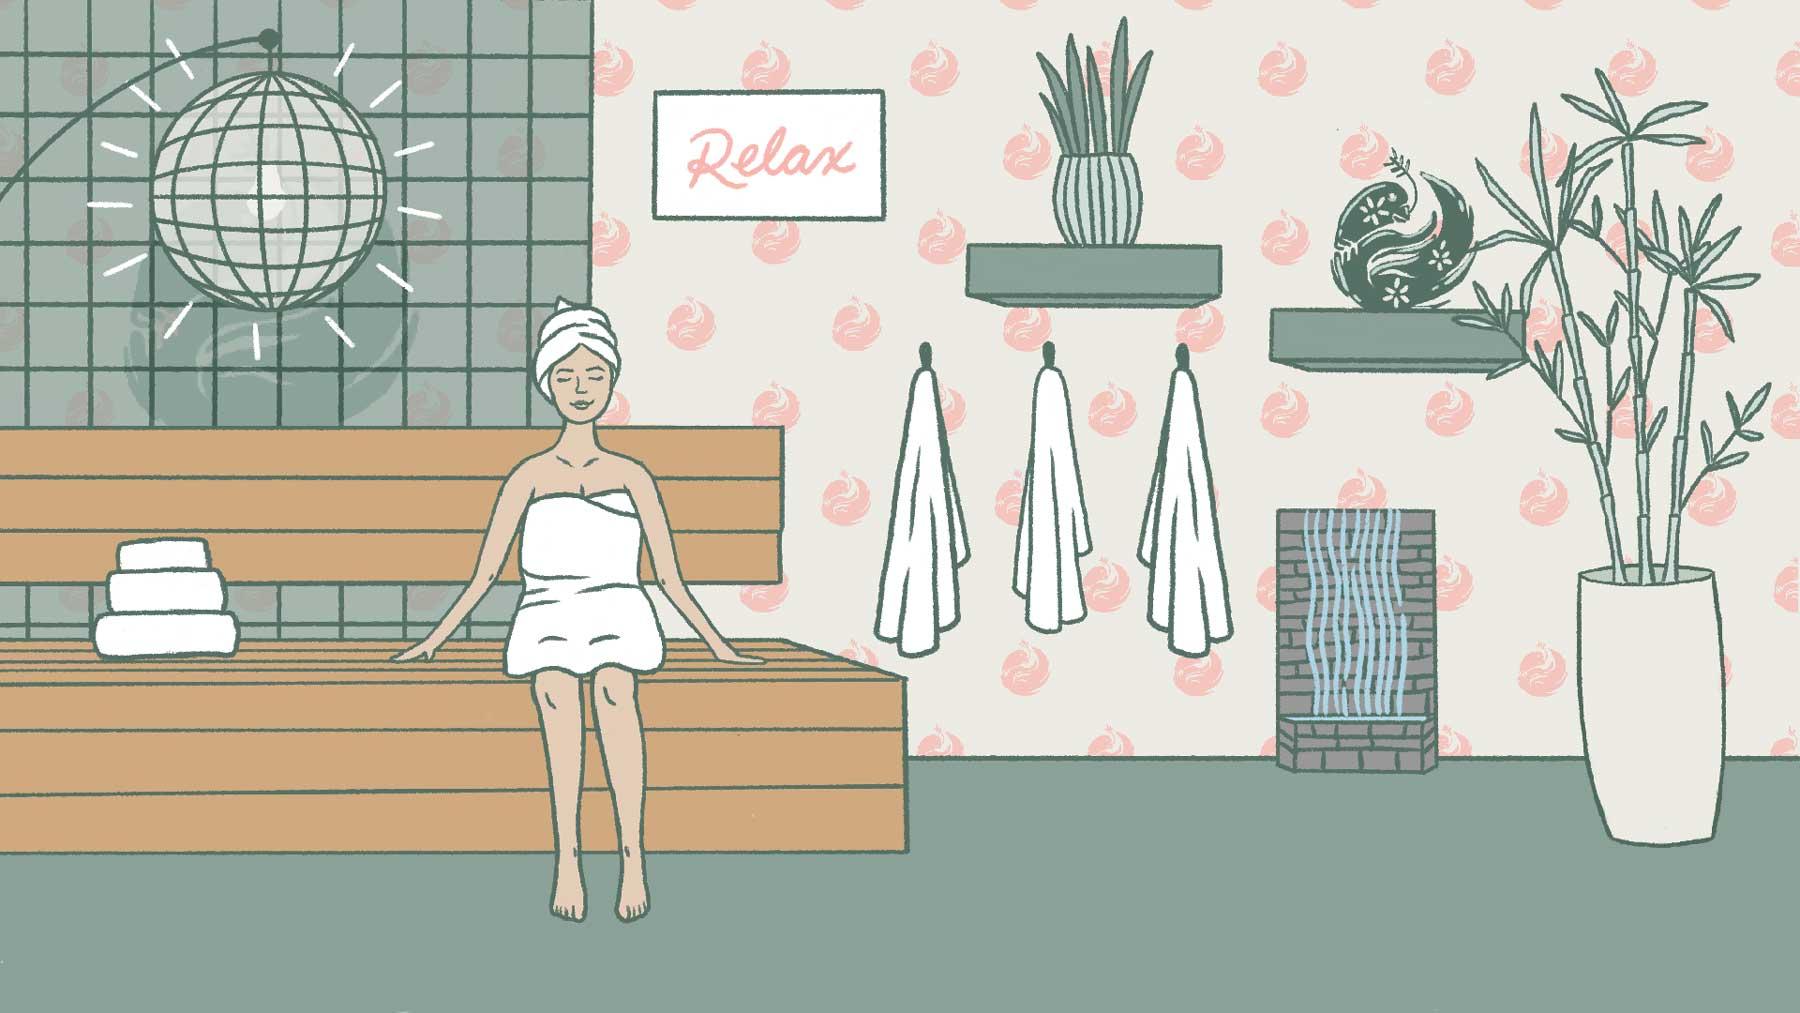 Dove---Relax.jpg